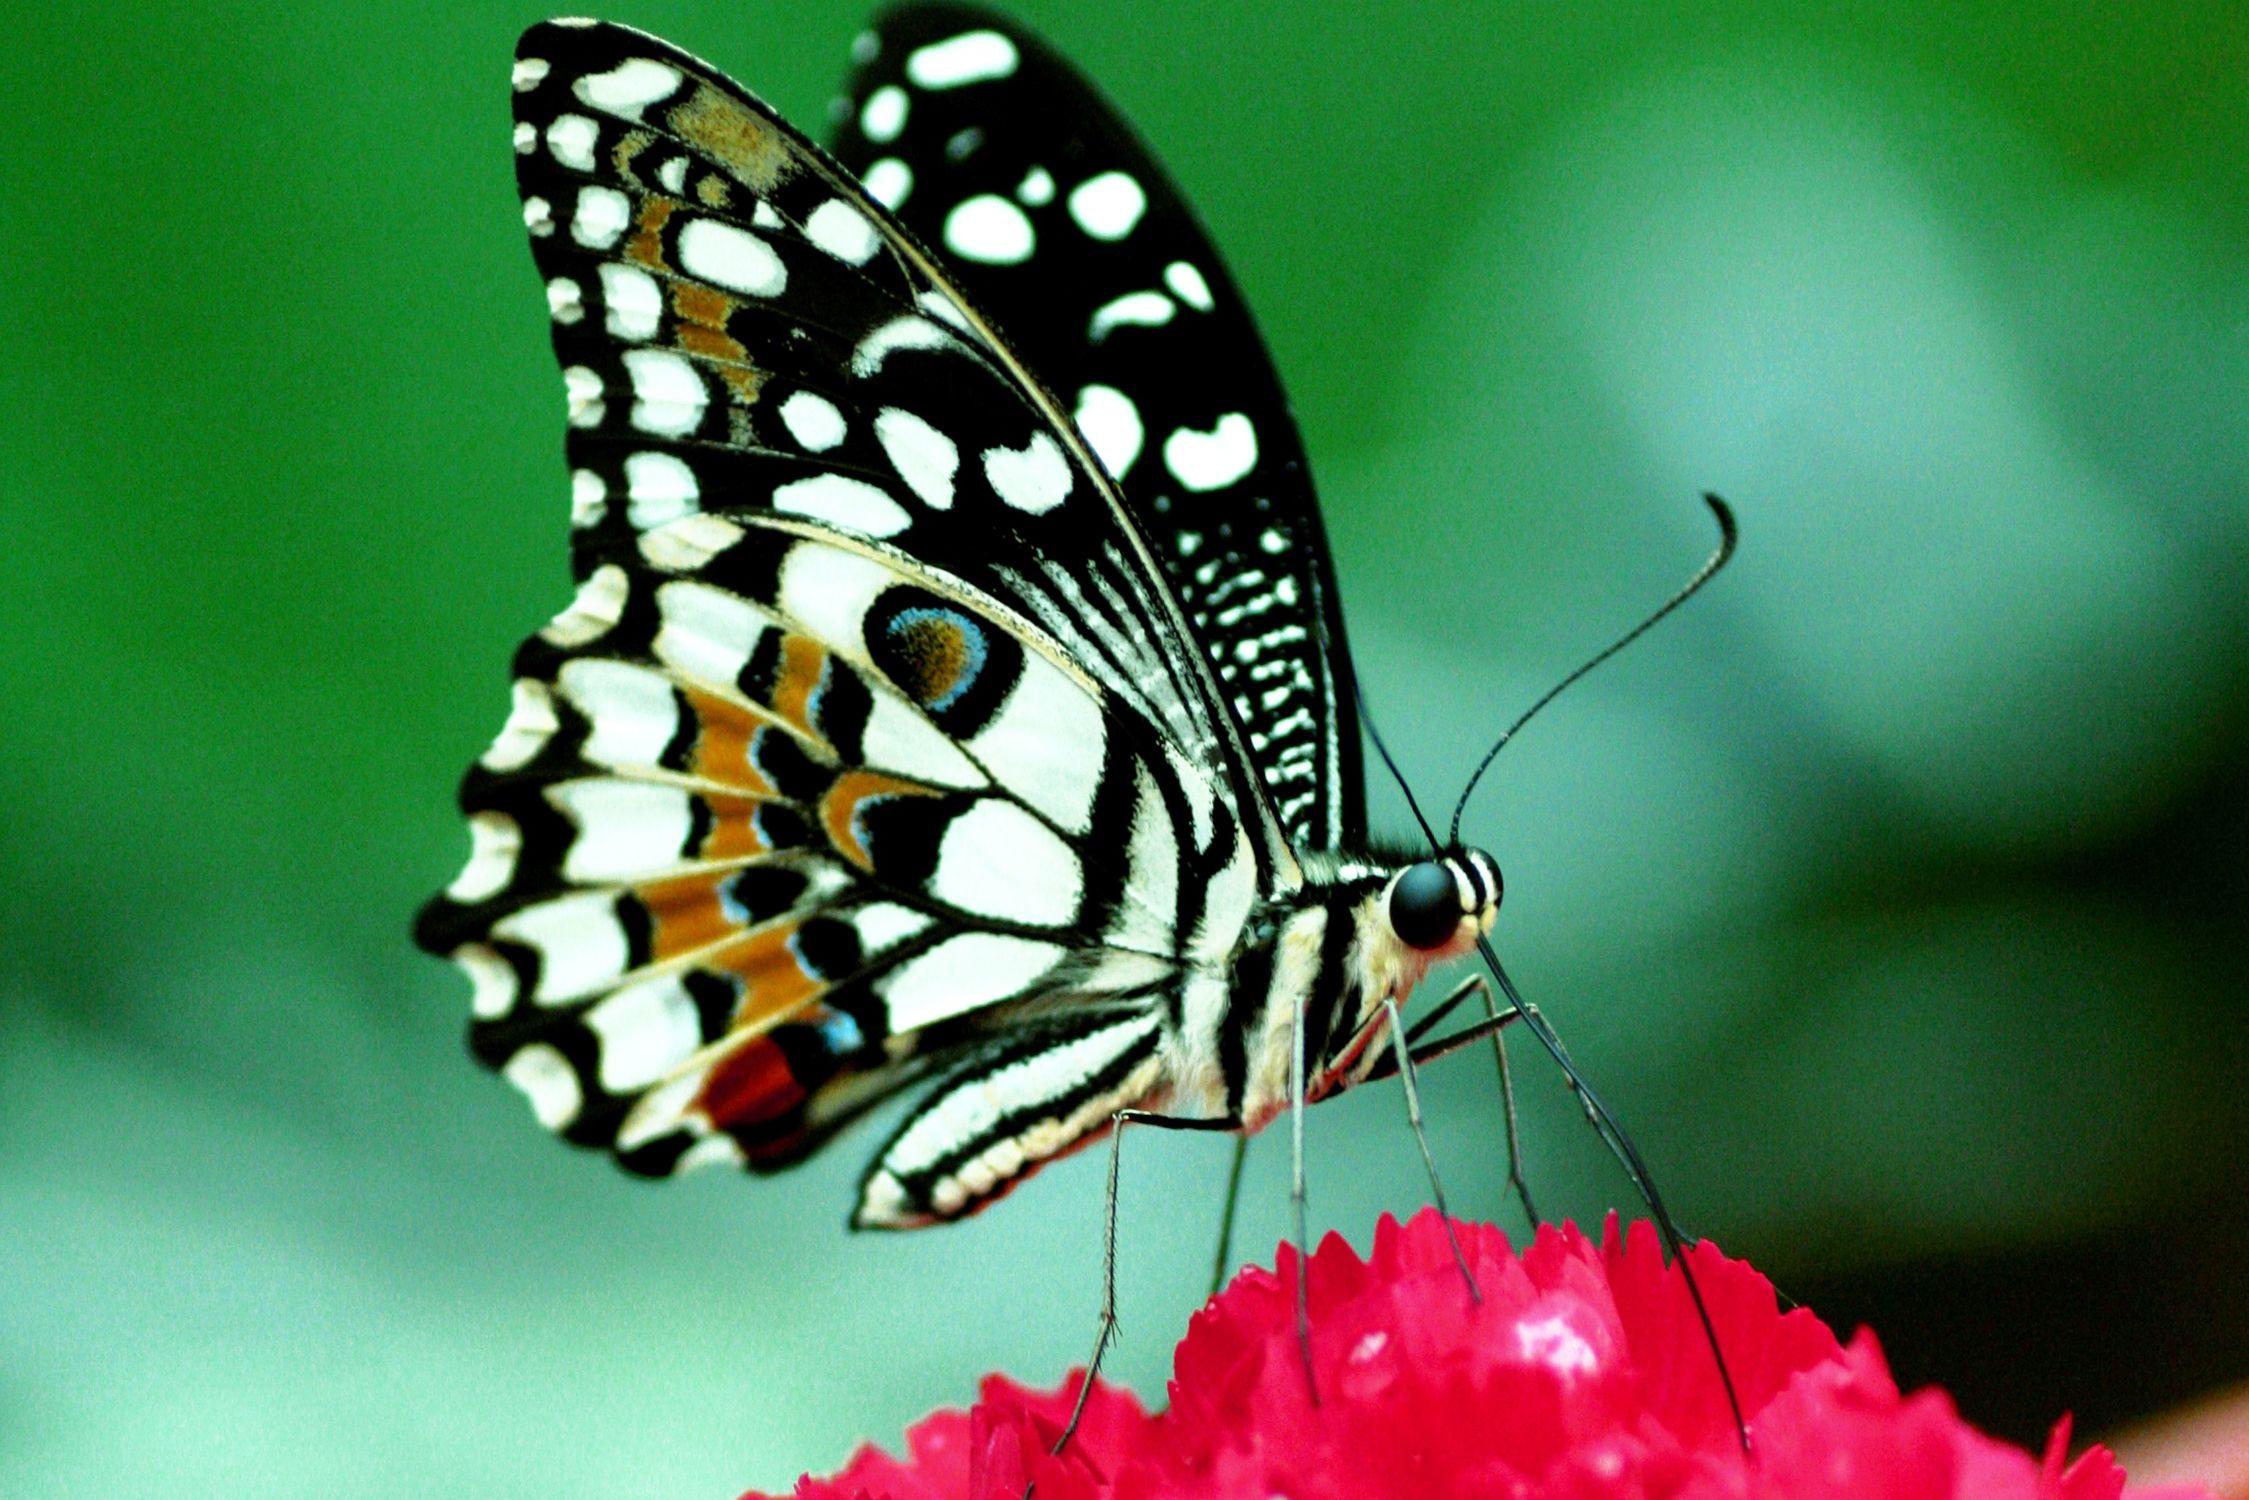 Bild mit Tiere, Natur, Pflanzen, Insekten, Schmetterlinge, Monarchfalter, Pflanze, butterfly